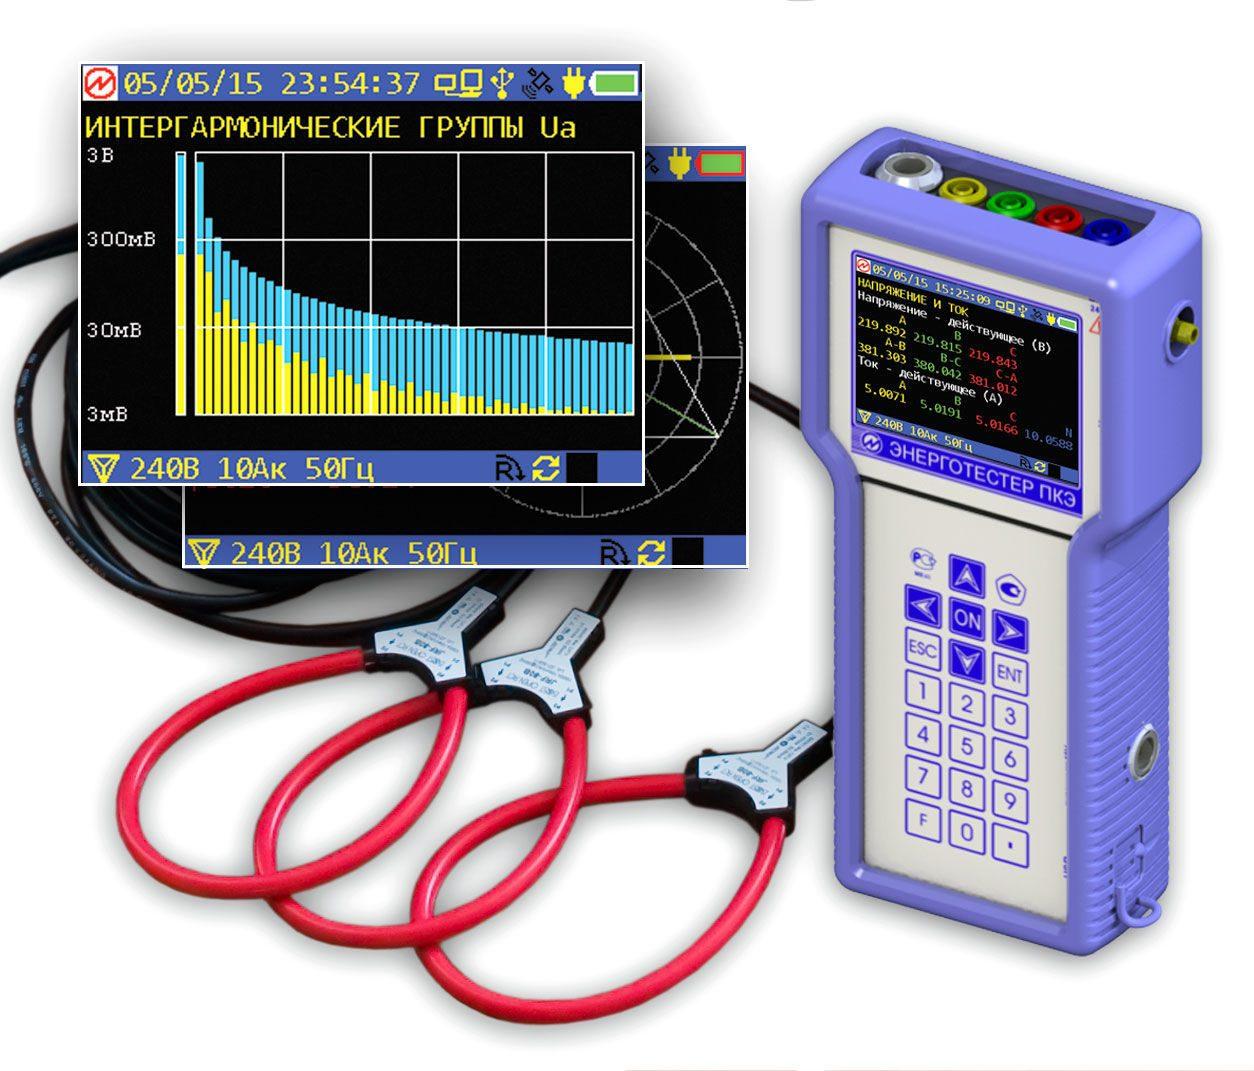 Электрические приборы - приборы для измерения расхода электроэнергии и параметров тока